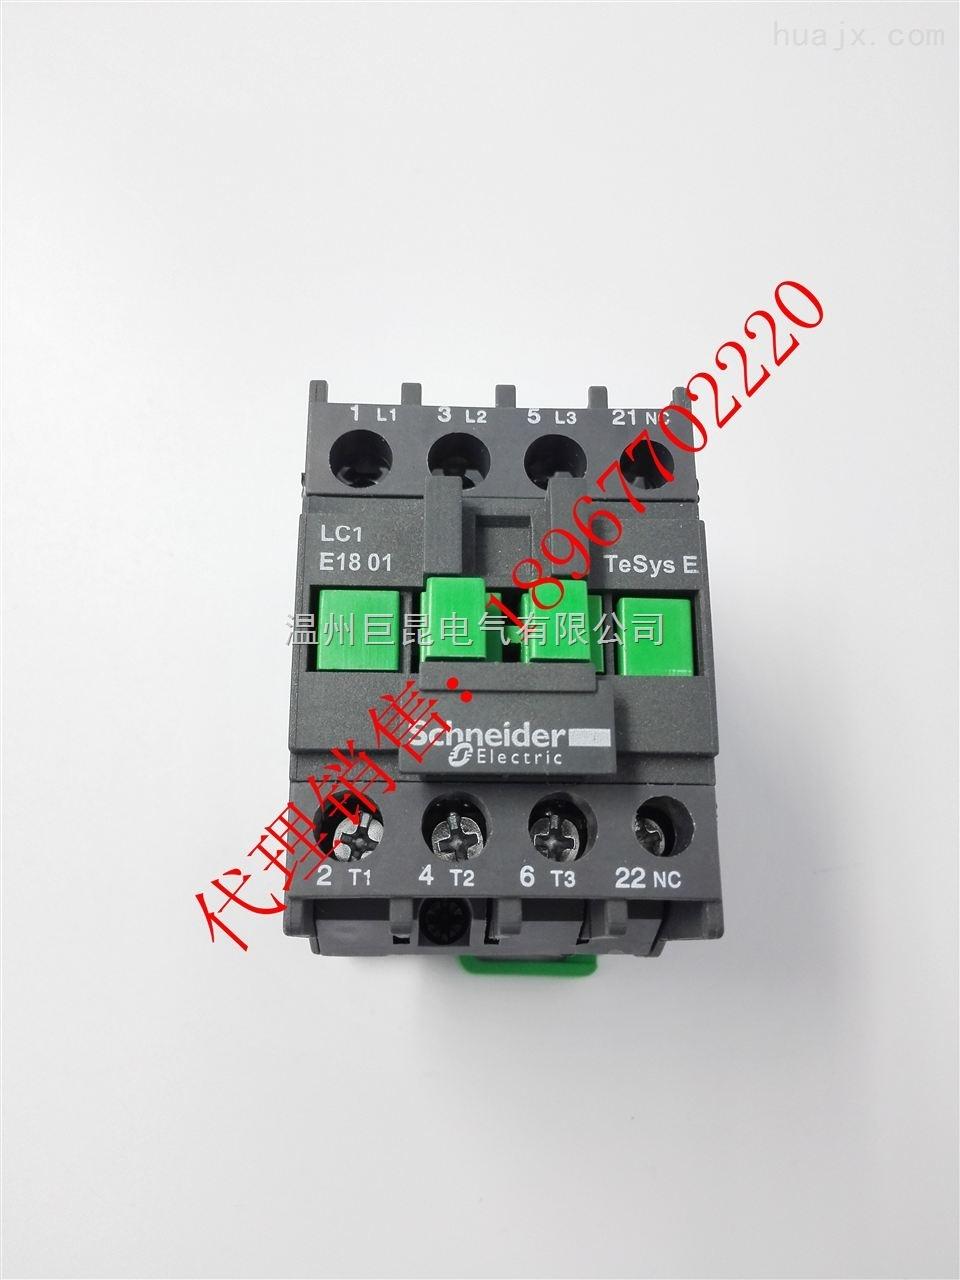 产品库 电气设备/工业电器 低压电器 接触器 lc1e95m5n施耐德交流接触